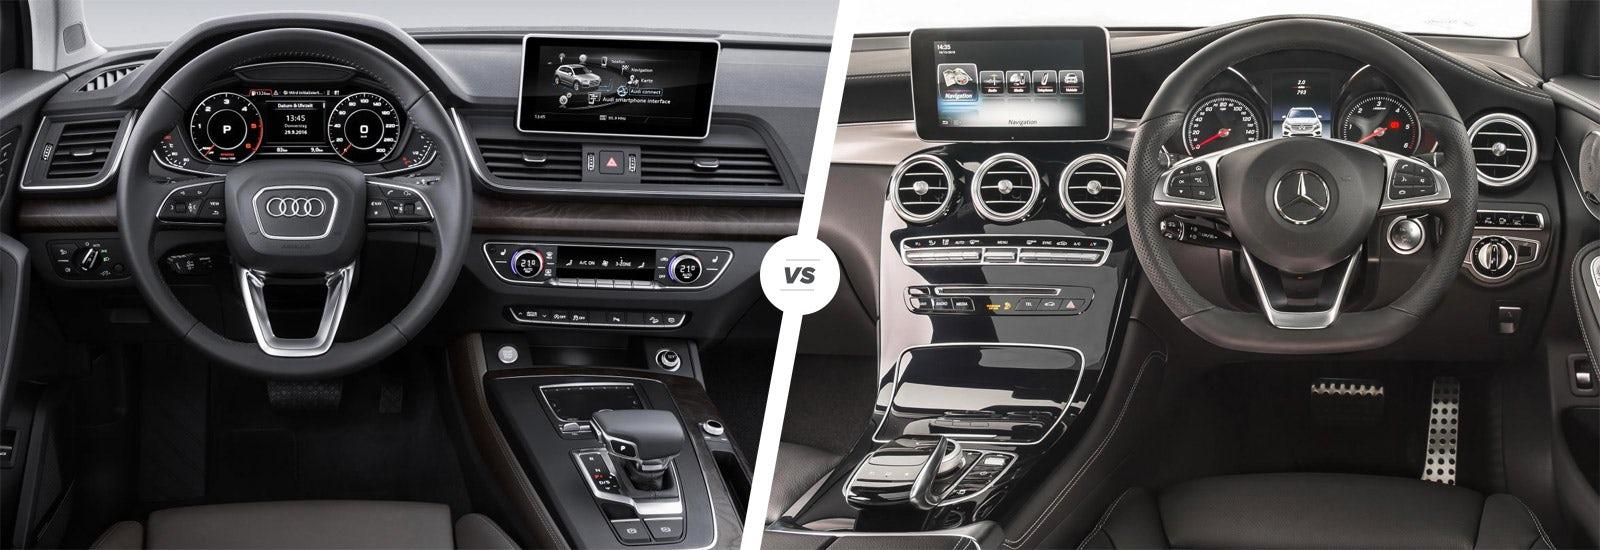 Audi Q5 Vs Mercedes Glc Interior